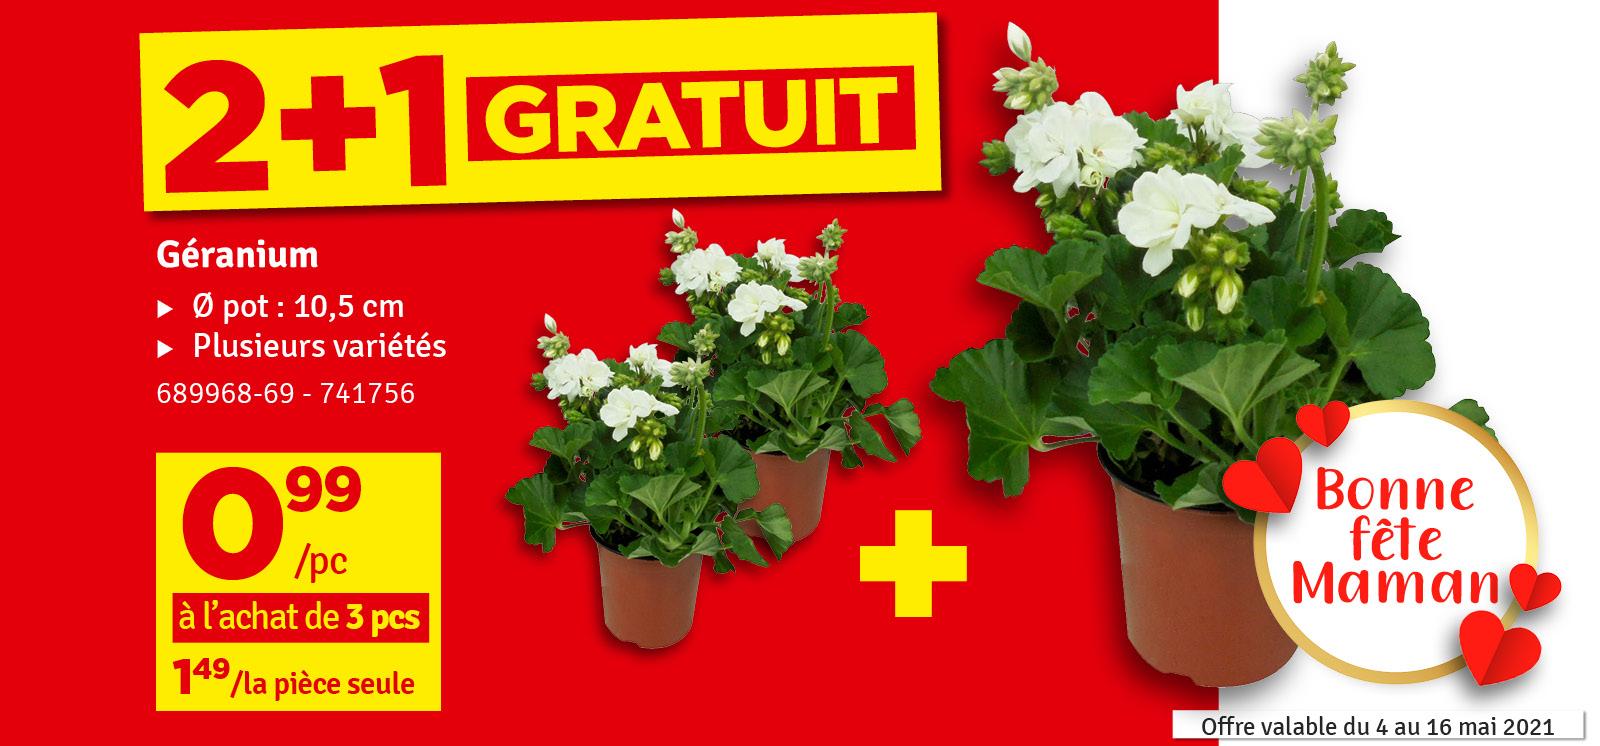 Promo - 2+1 gratuit Géraniums